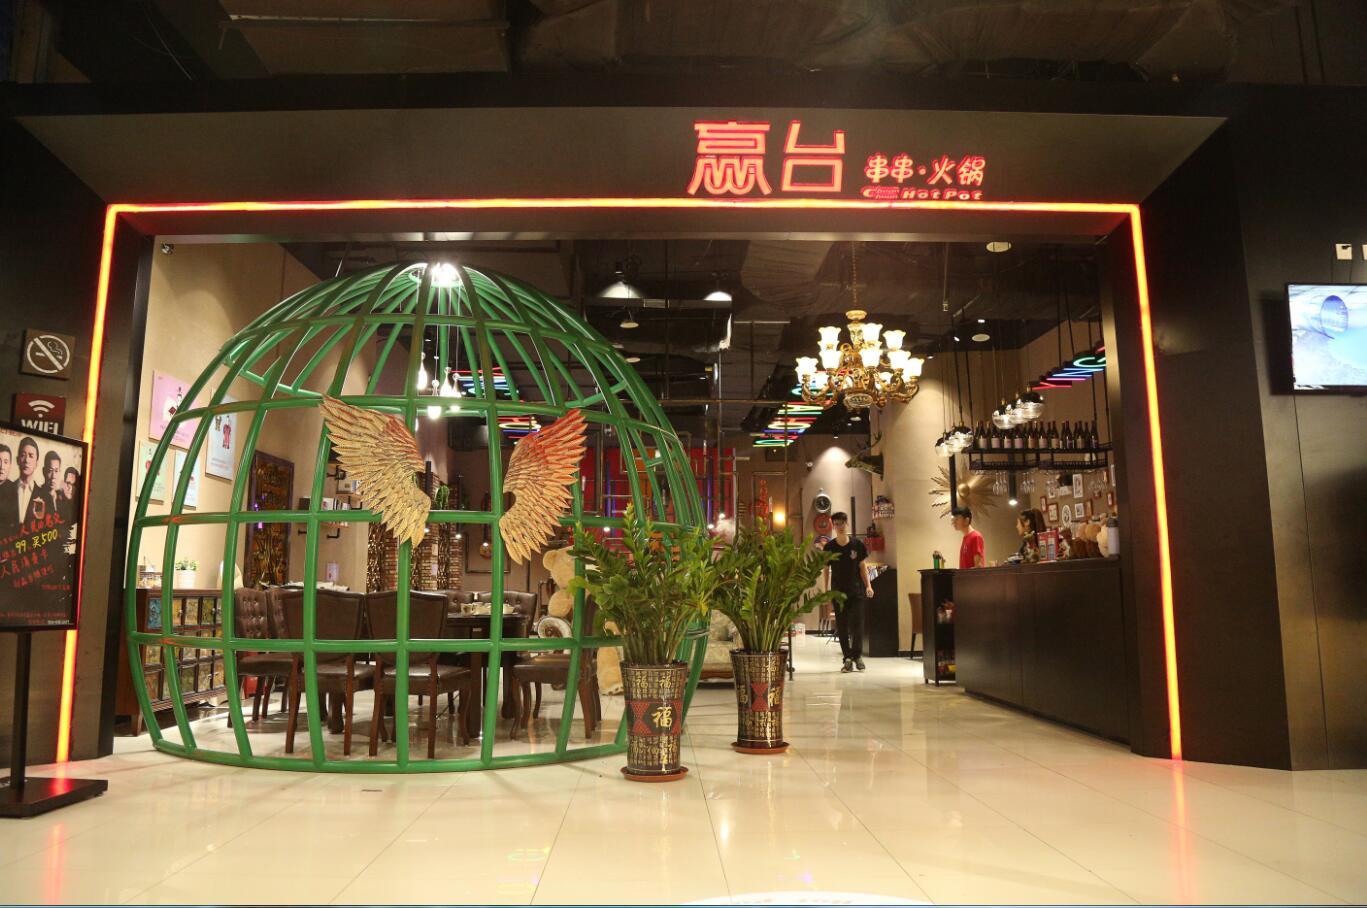 阅味餐饮又有新品牌供您选择啦! 新闻资讯-沈阳阅味餐饮管理有限公司